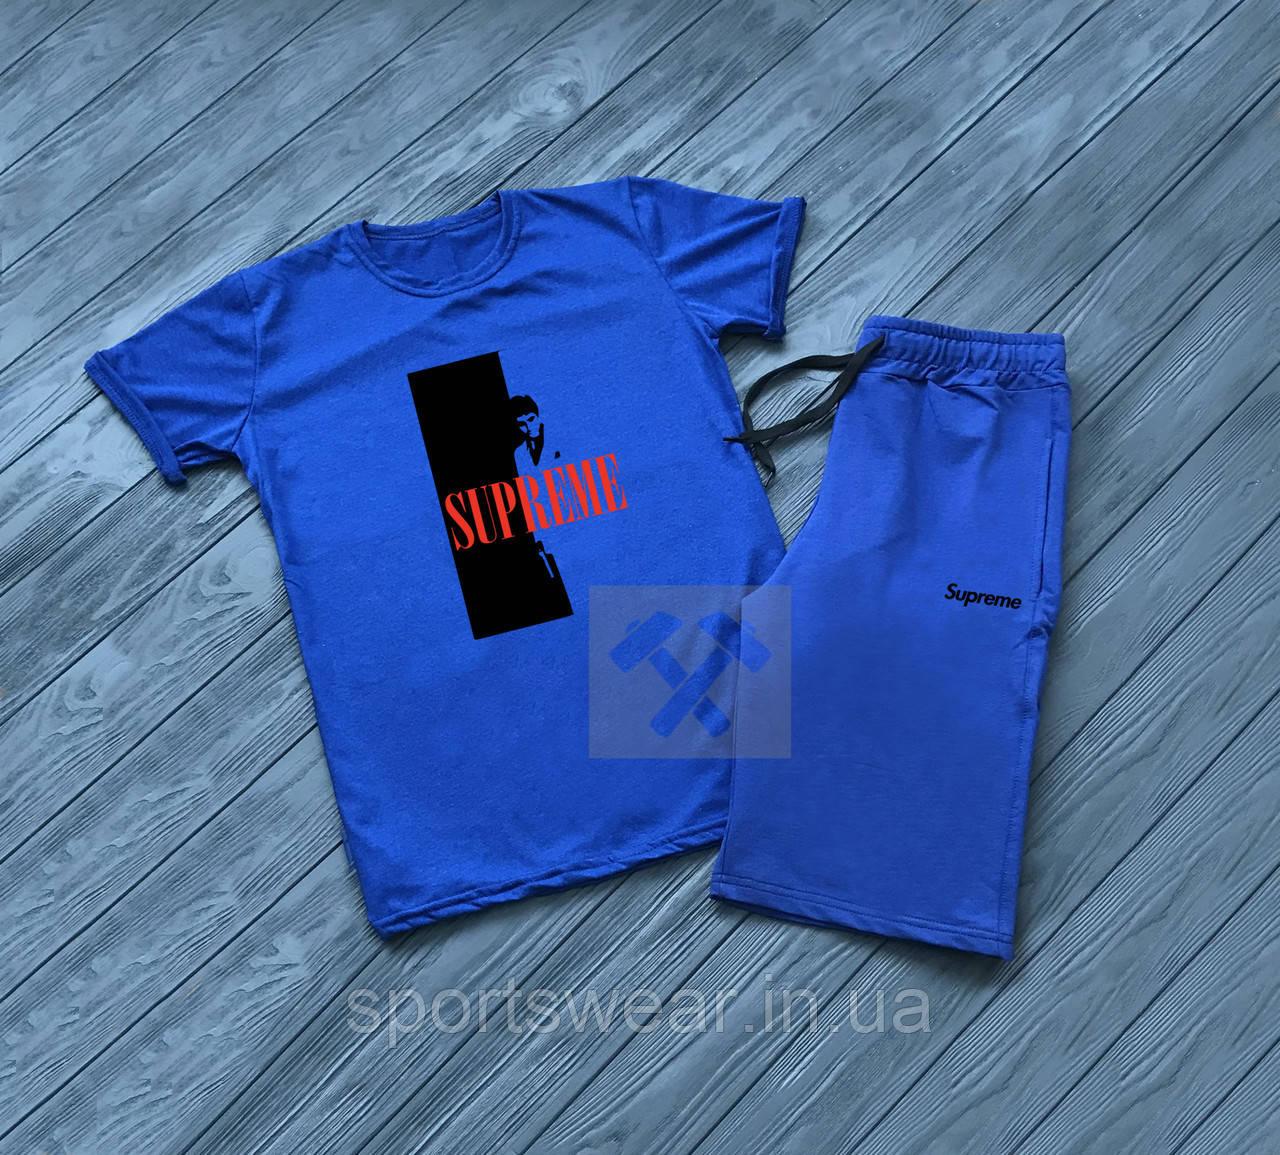 """Мужской комплект футболка + шорты supreme синего цвета """""""" В стиле Supreme """""""""""